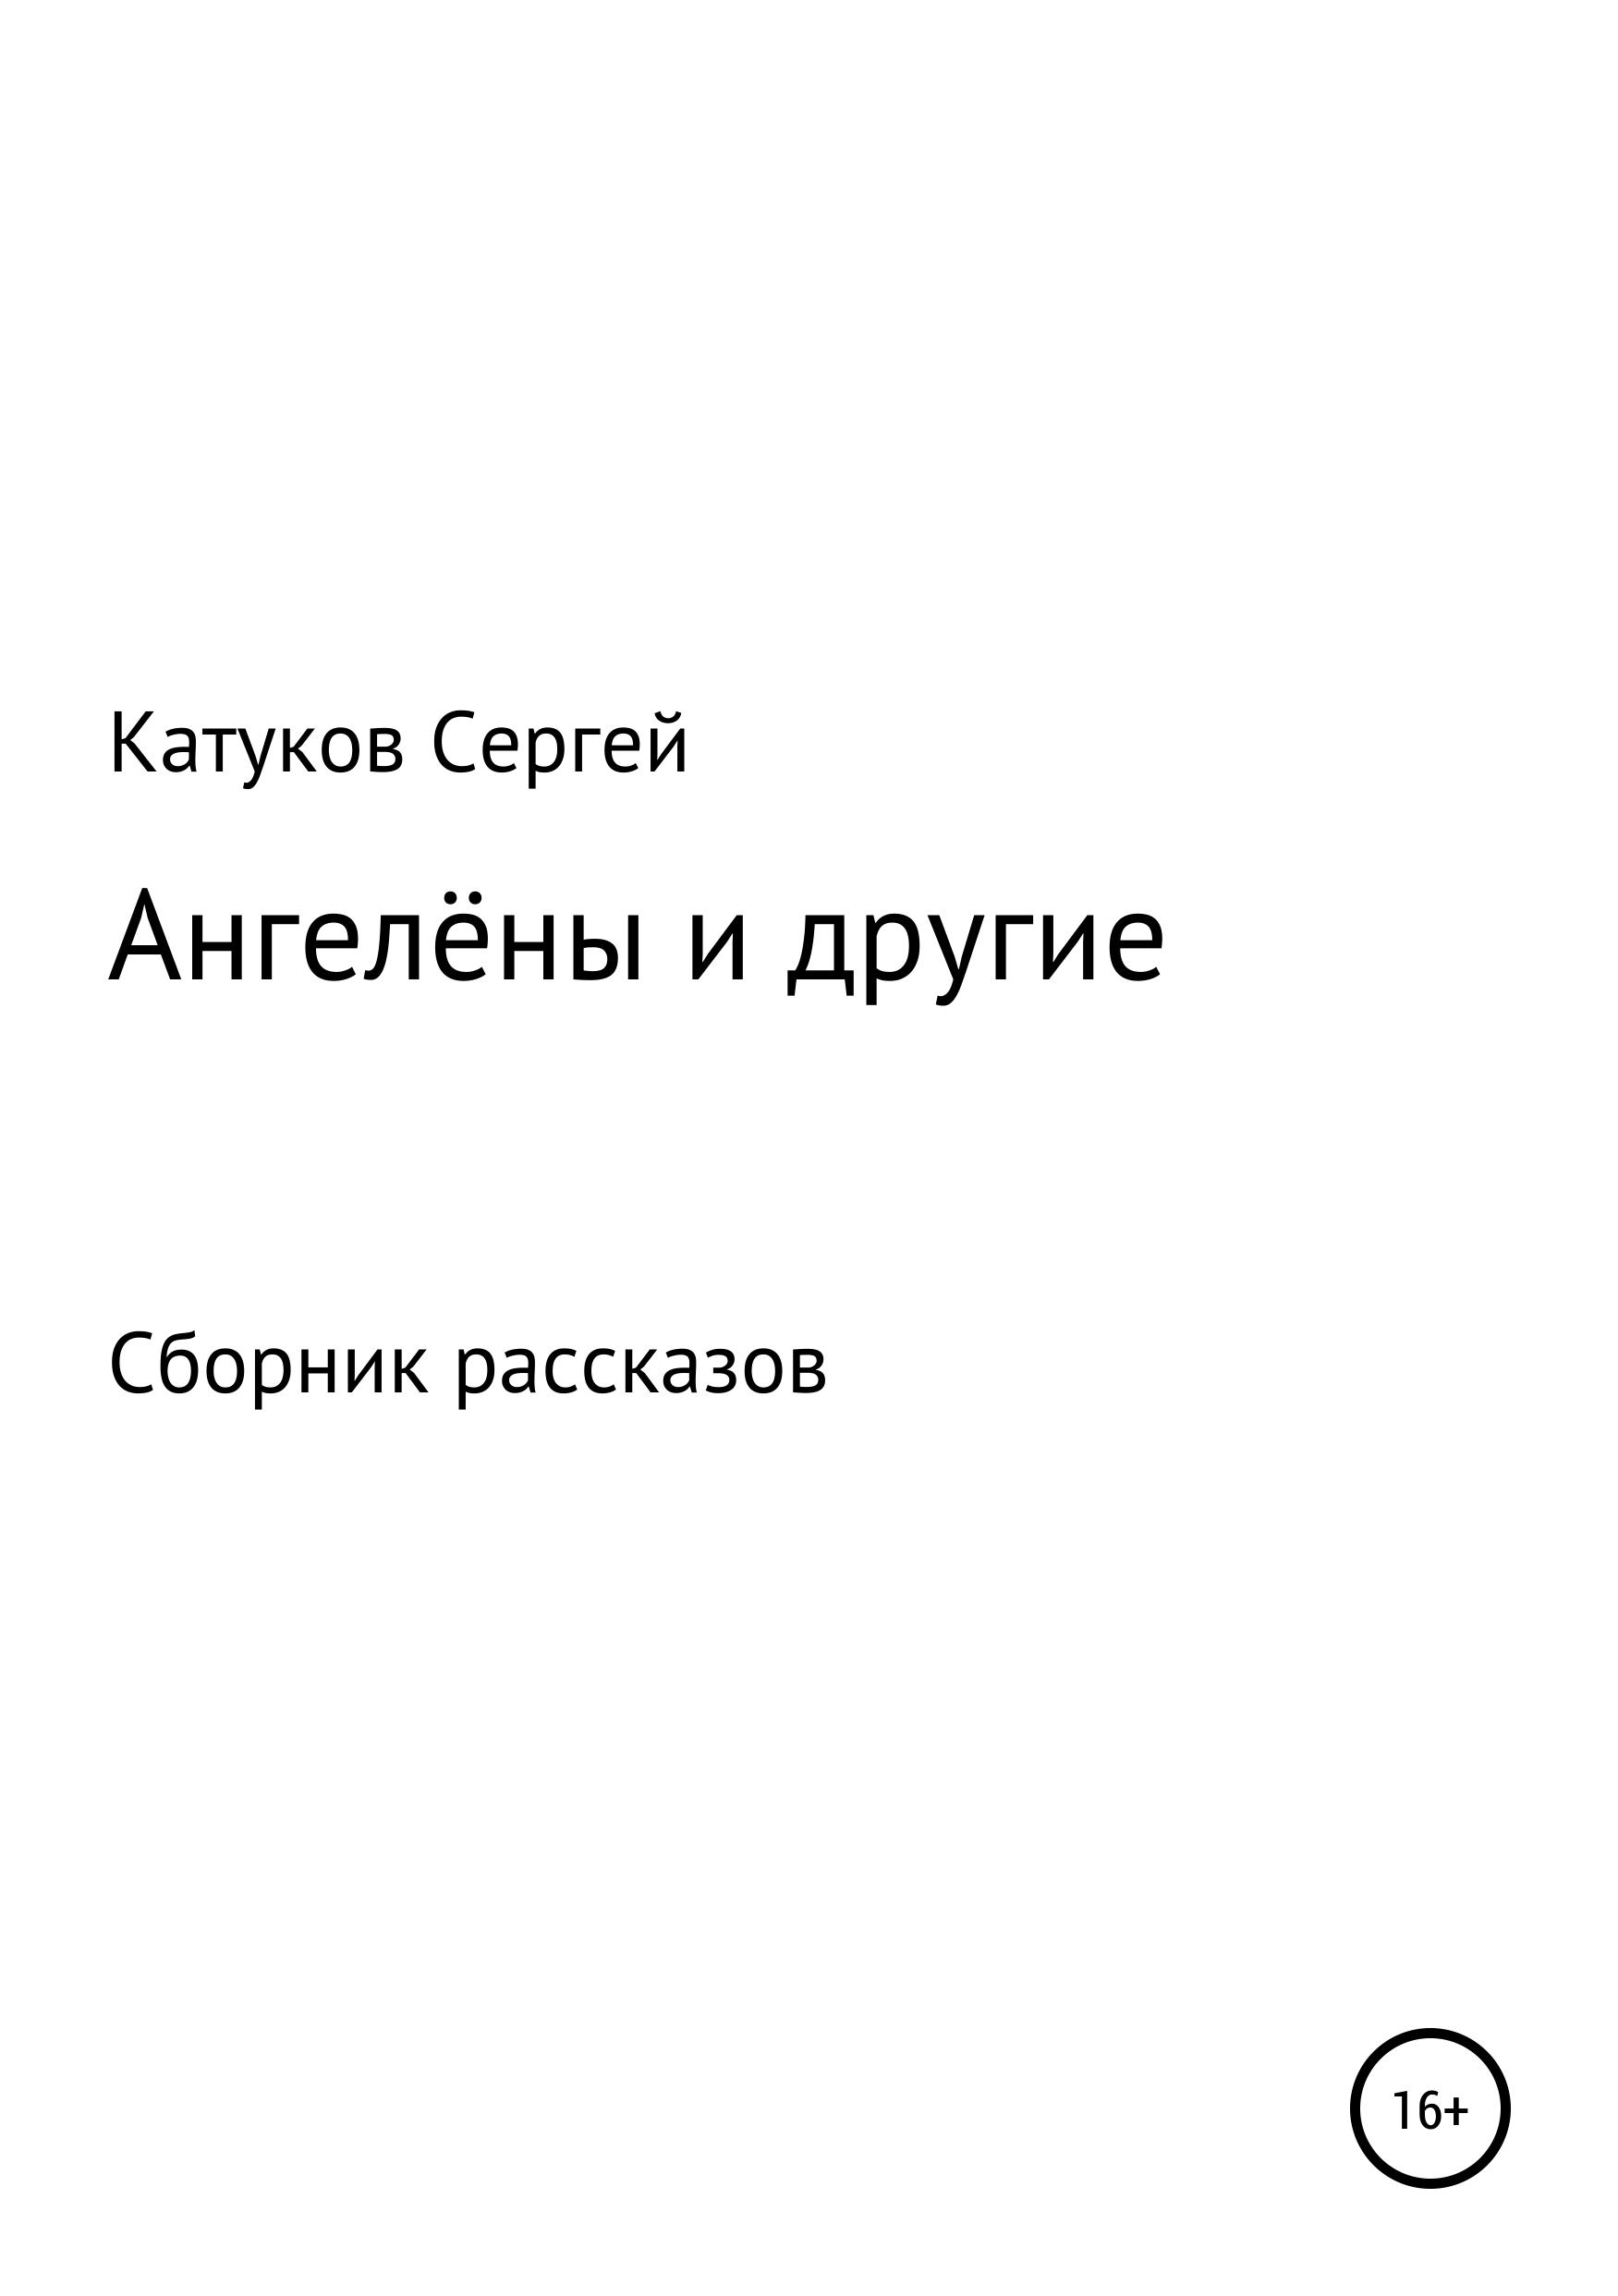 Сергей Катуков Ангелёны и другие. Сборник рассказов